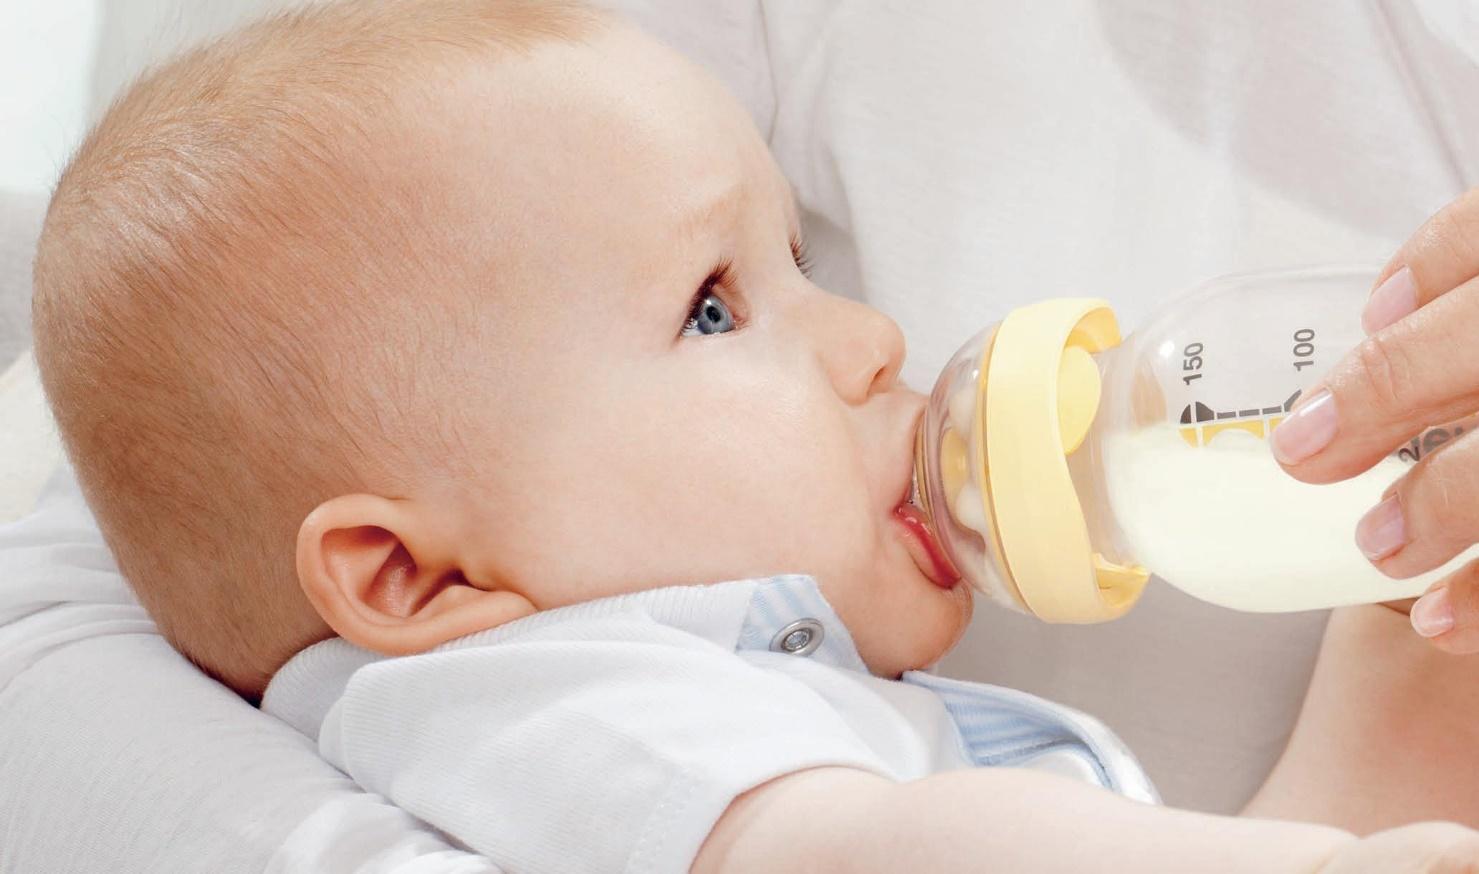 Эти 7 ошибок при приготовлении молочной смеси могут навредить ребенку